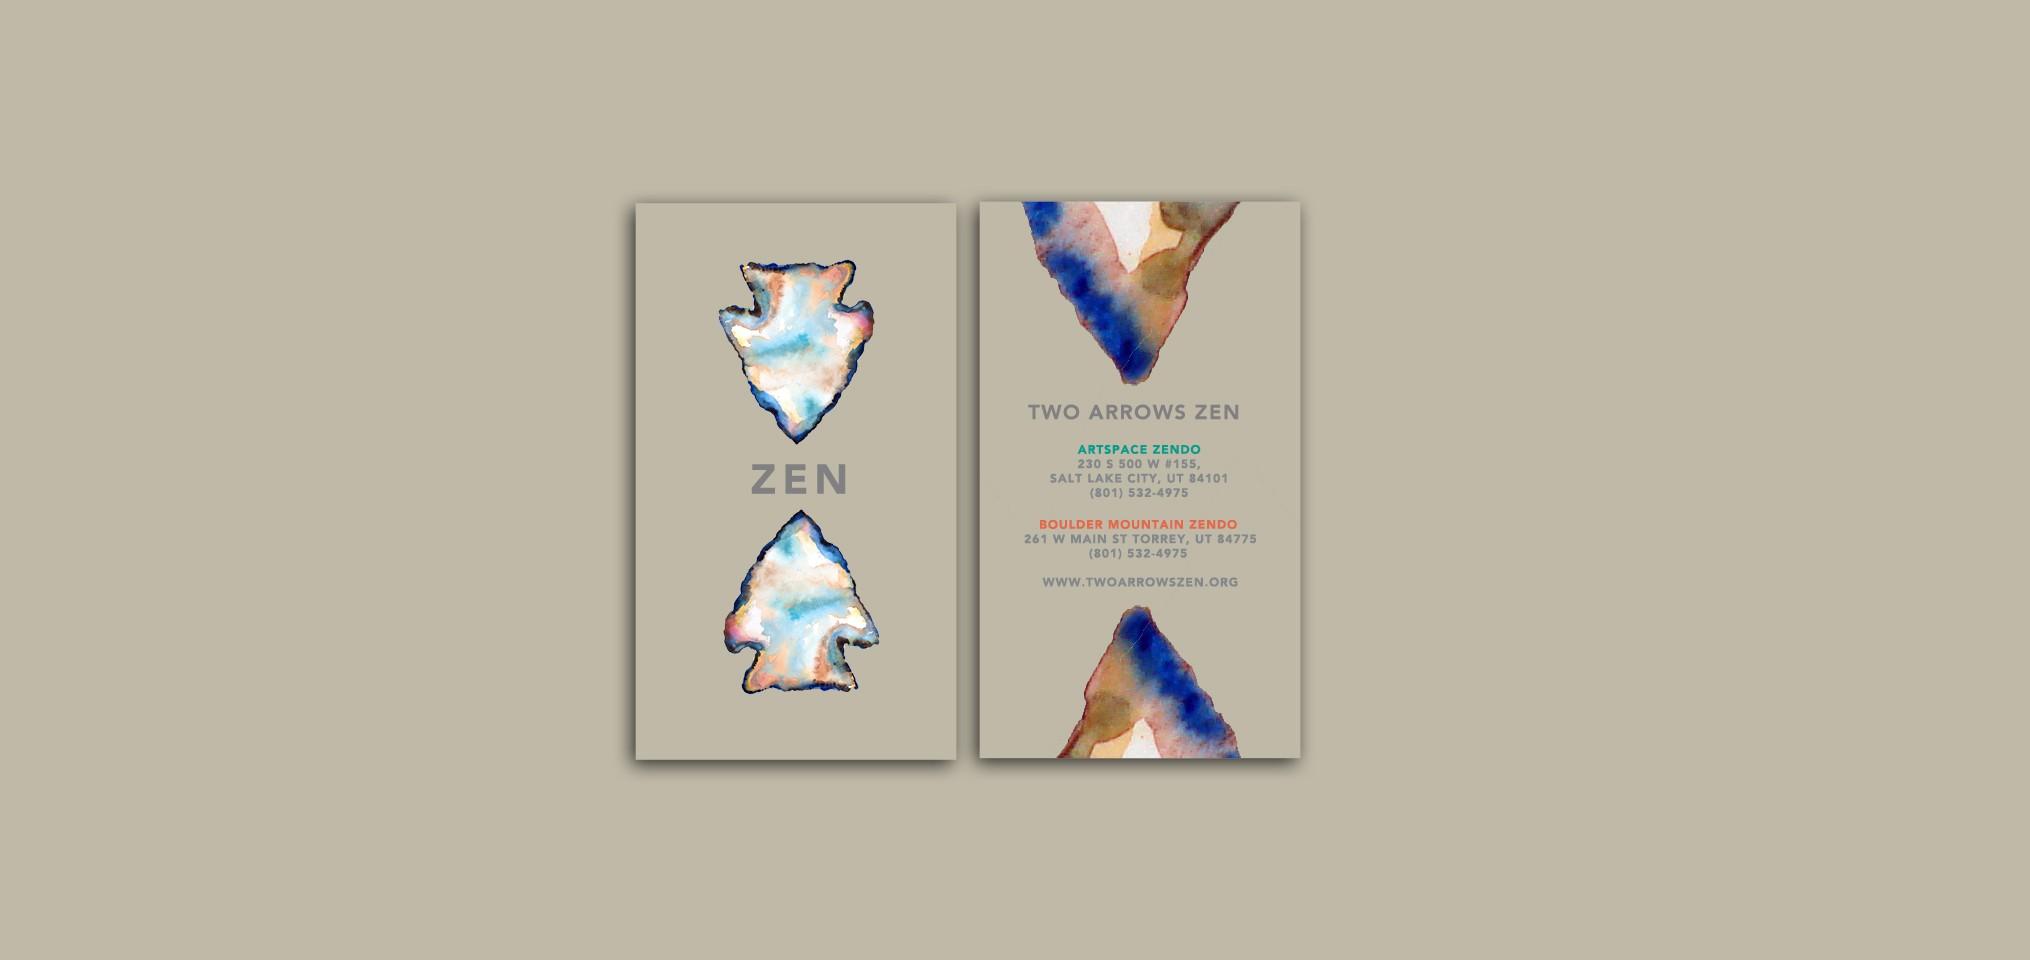 Enlightened Logo for Modern Retreat, Two Arrows Zen